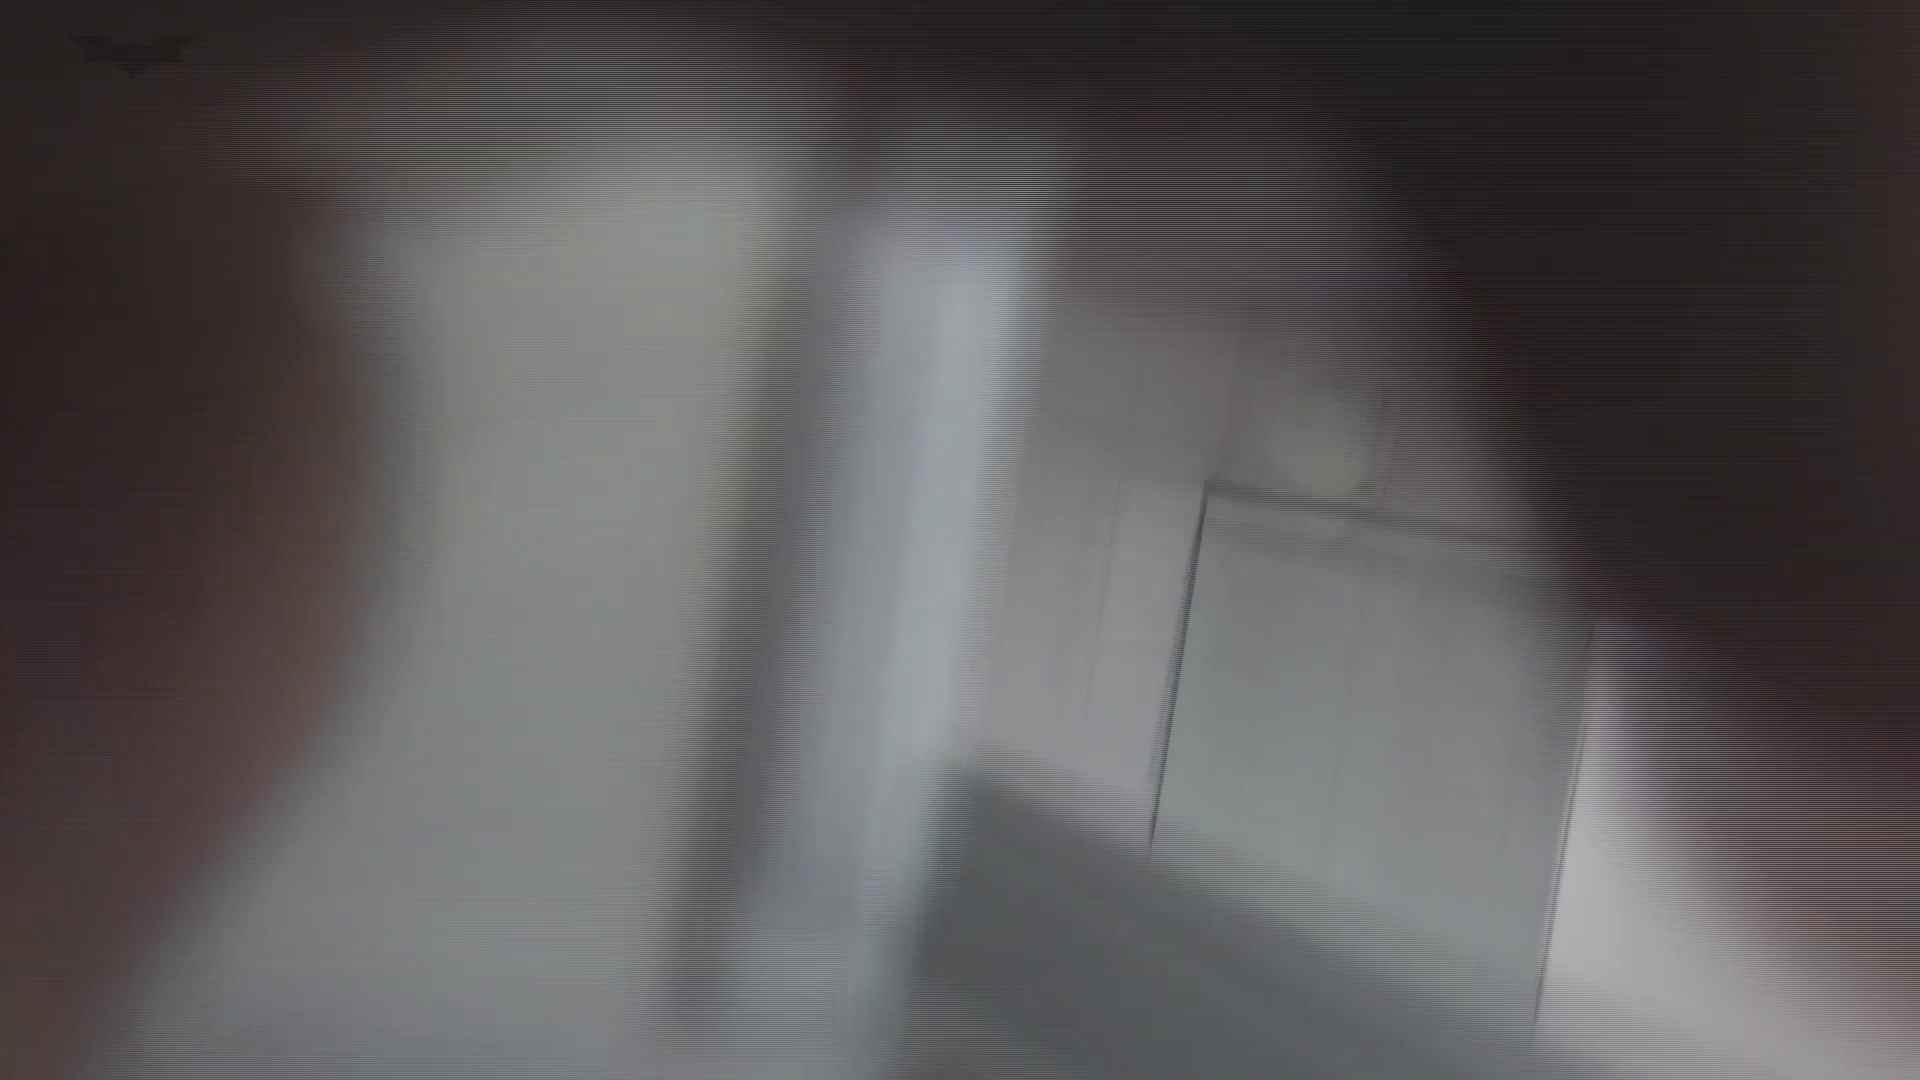 美しい日本の未来 No.29 豹柄サンダルは便秘気味??? ギャル・コレクション | 盗撮エロすぎ  38連発 35